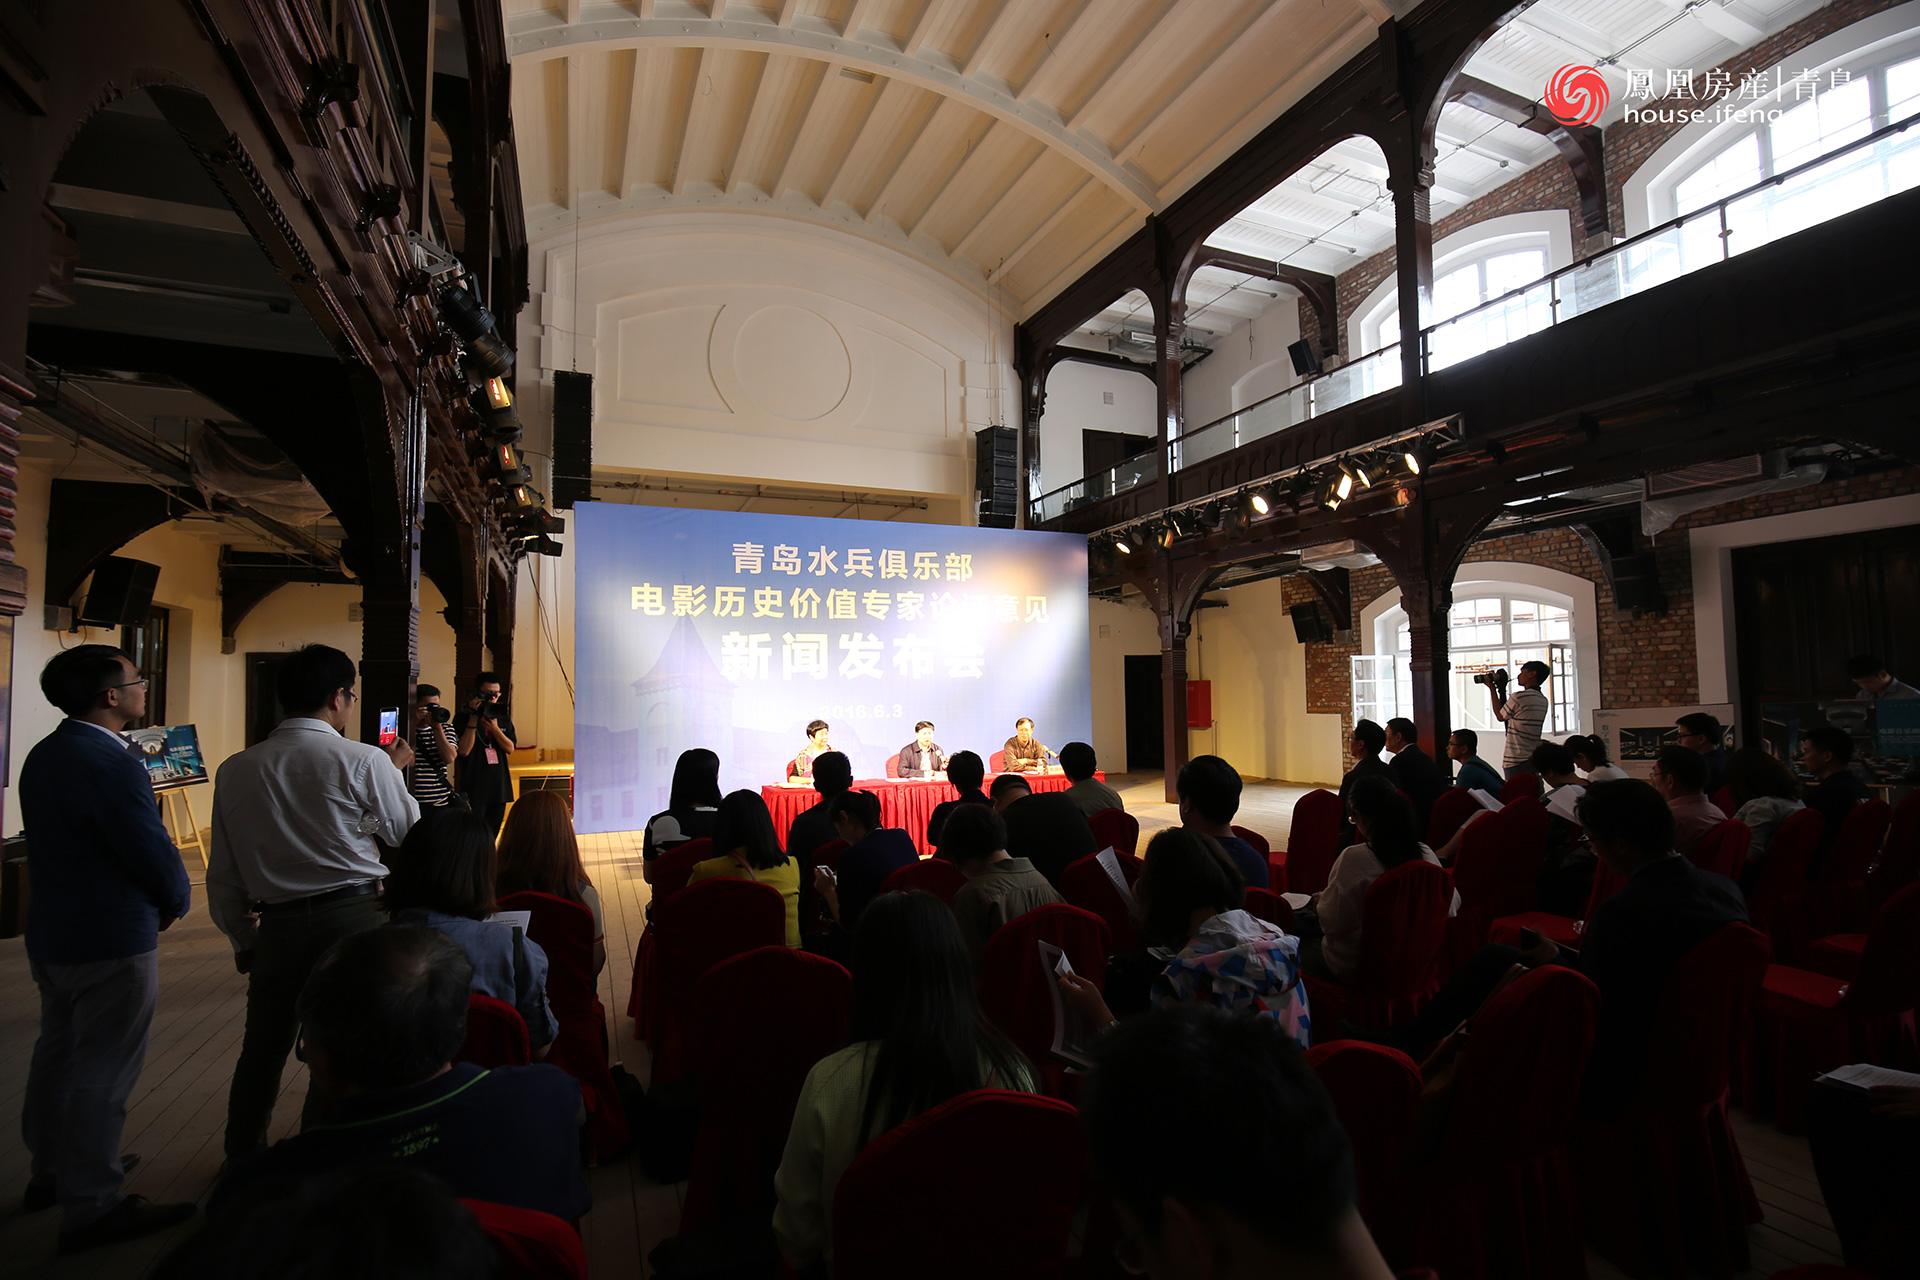 中国最早的电影院_青岛水兵俱乐部_凤凰房产青岛_凤凰